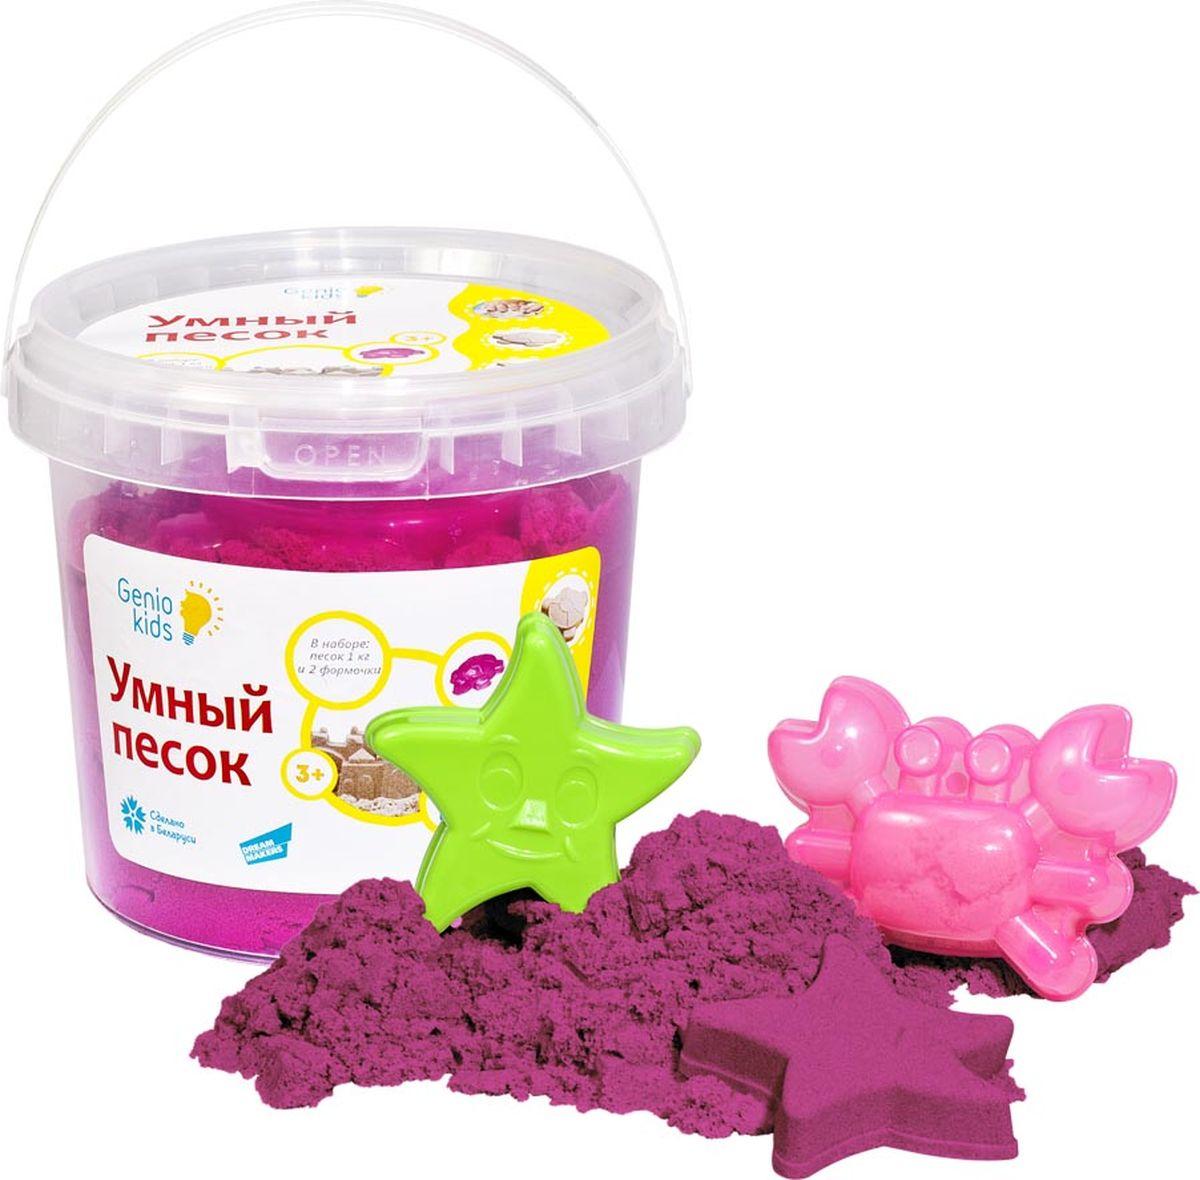 Genio Kids Кинетический песок Умный песок цвет розовый 1 кг genio kids кинетический песок умный песок сказочный замок 1 кг